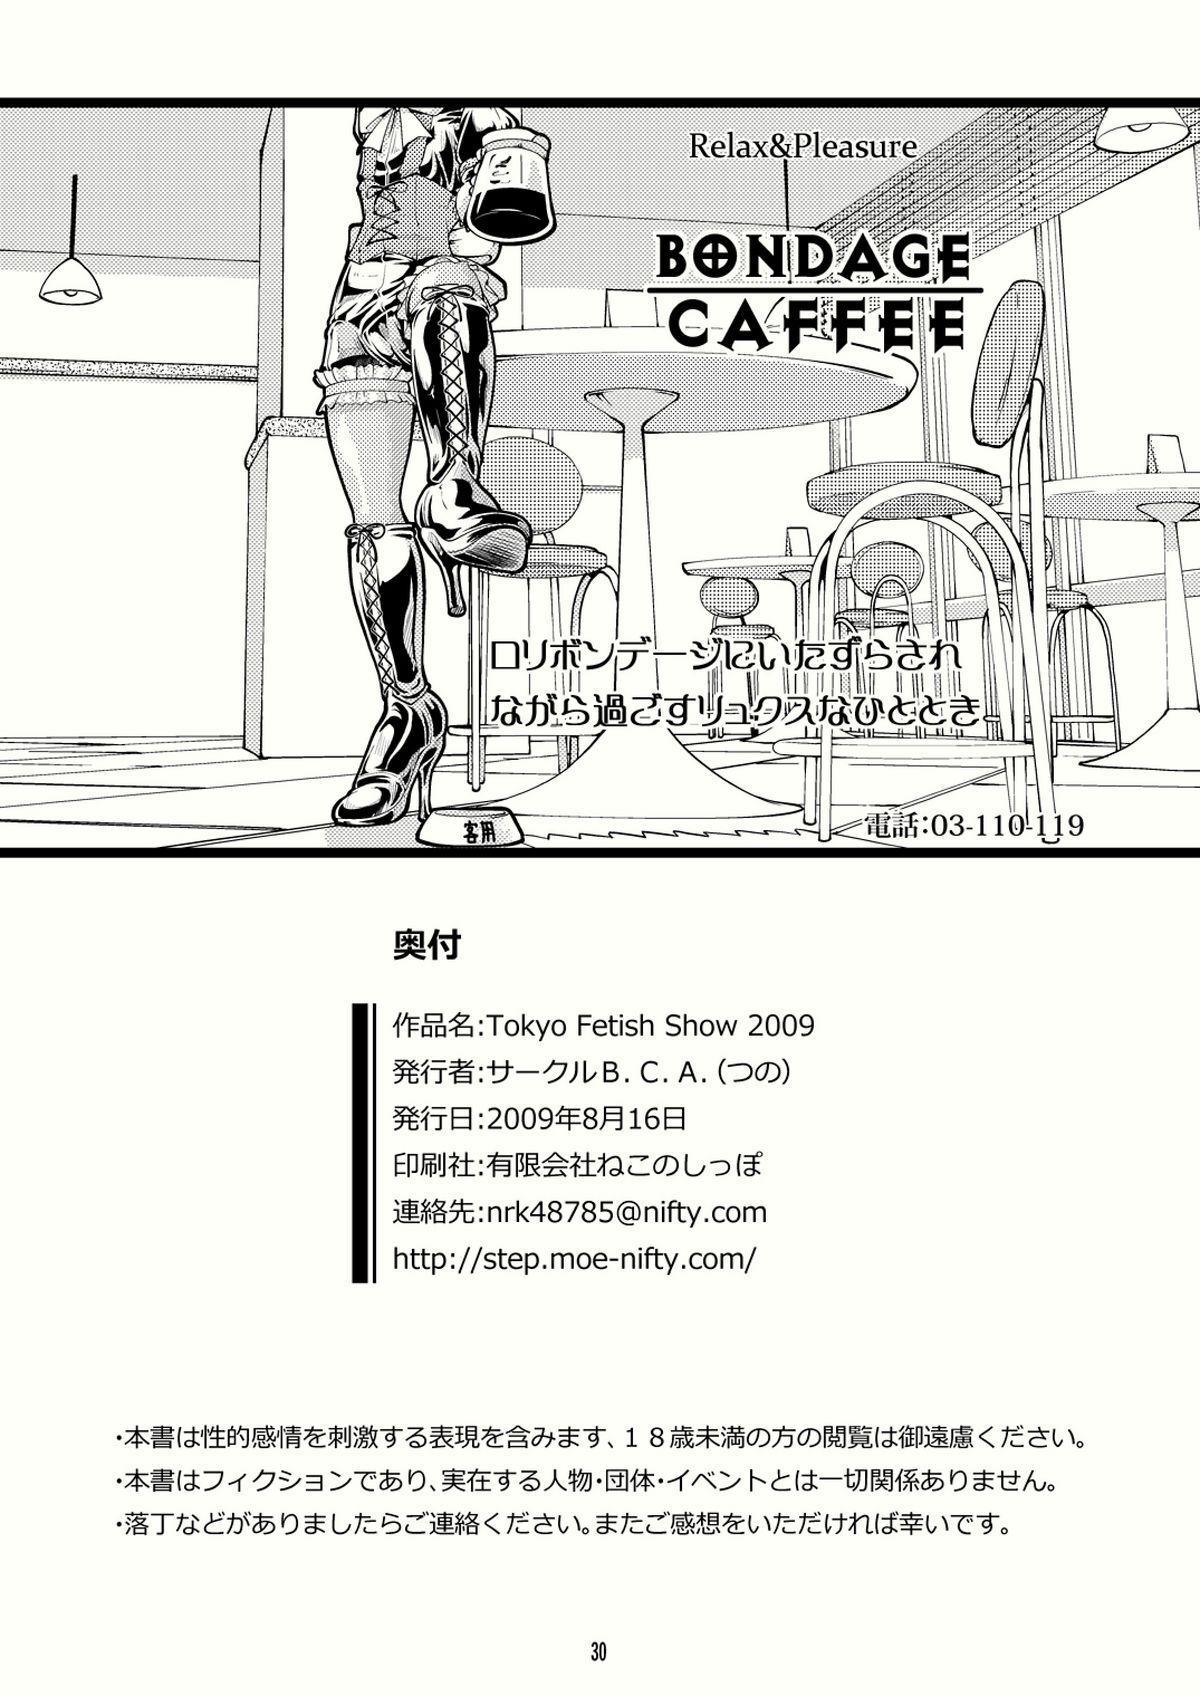 Tokyo Fetish Show 2009 28